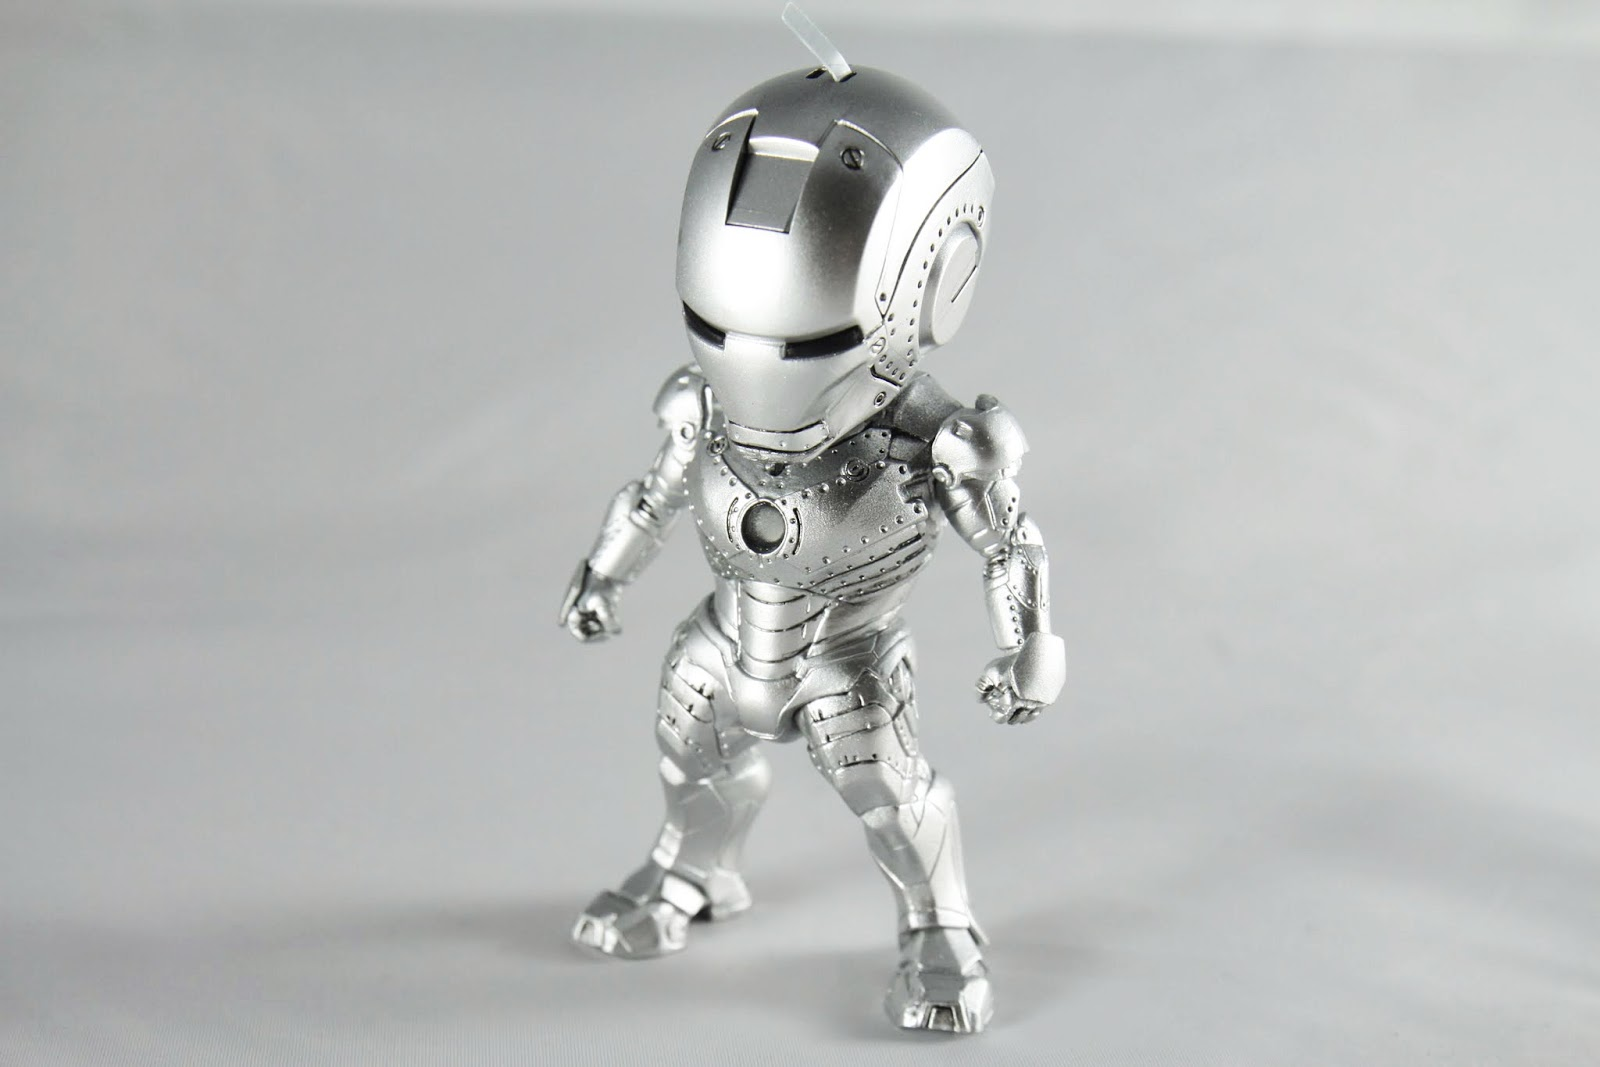 試作裝甲所以有些像是螺絲孔的樣子真是不錯 雖然不像是電影中是亮面銀